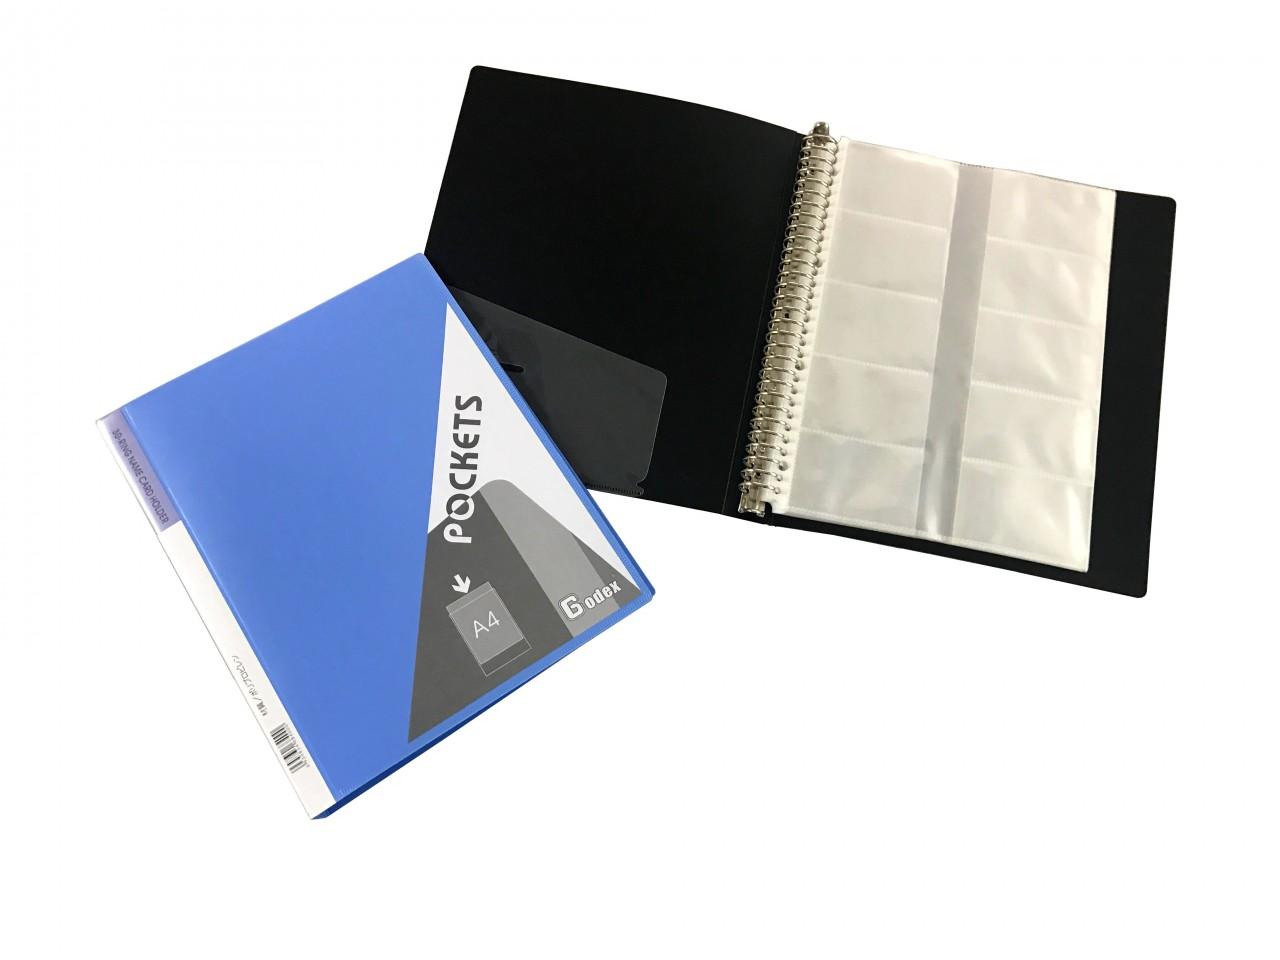 GX-LP400